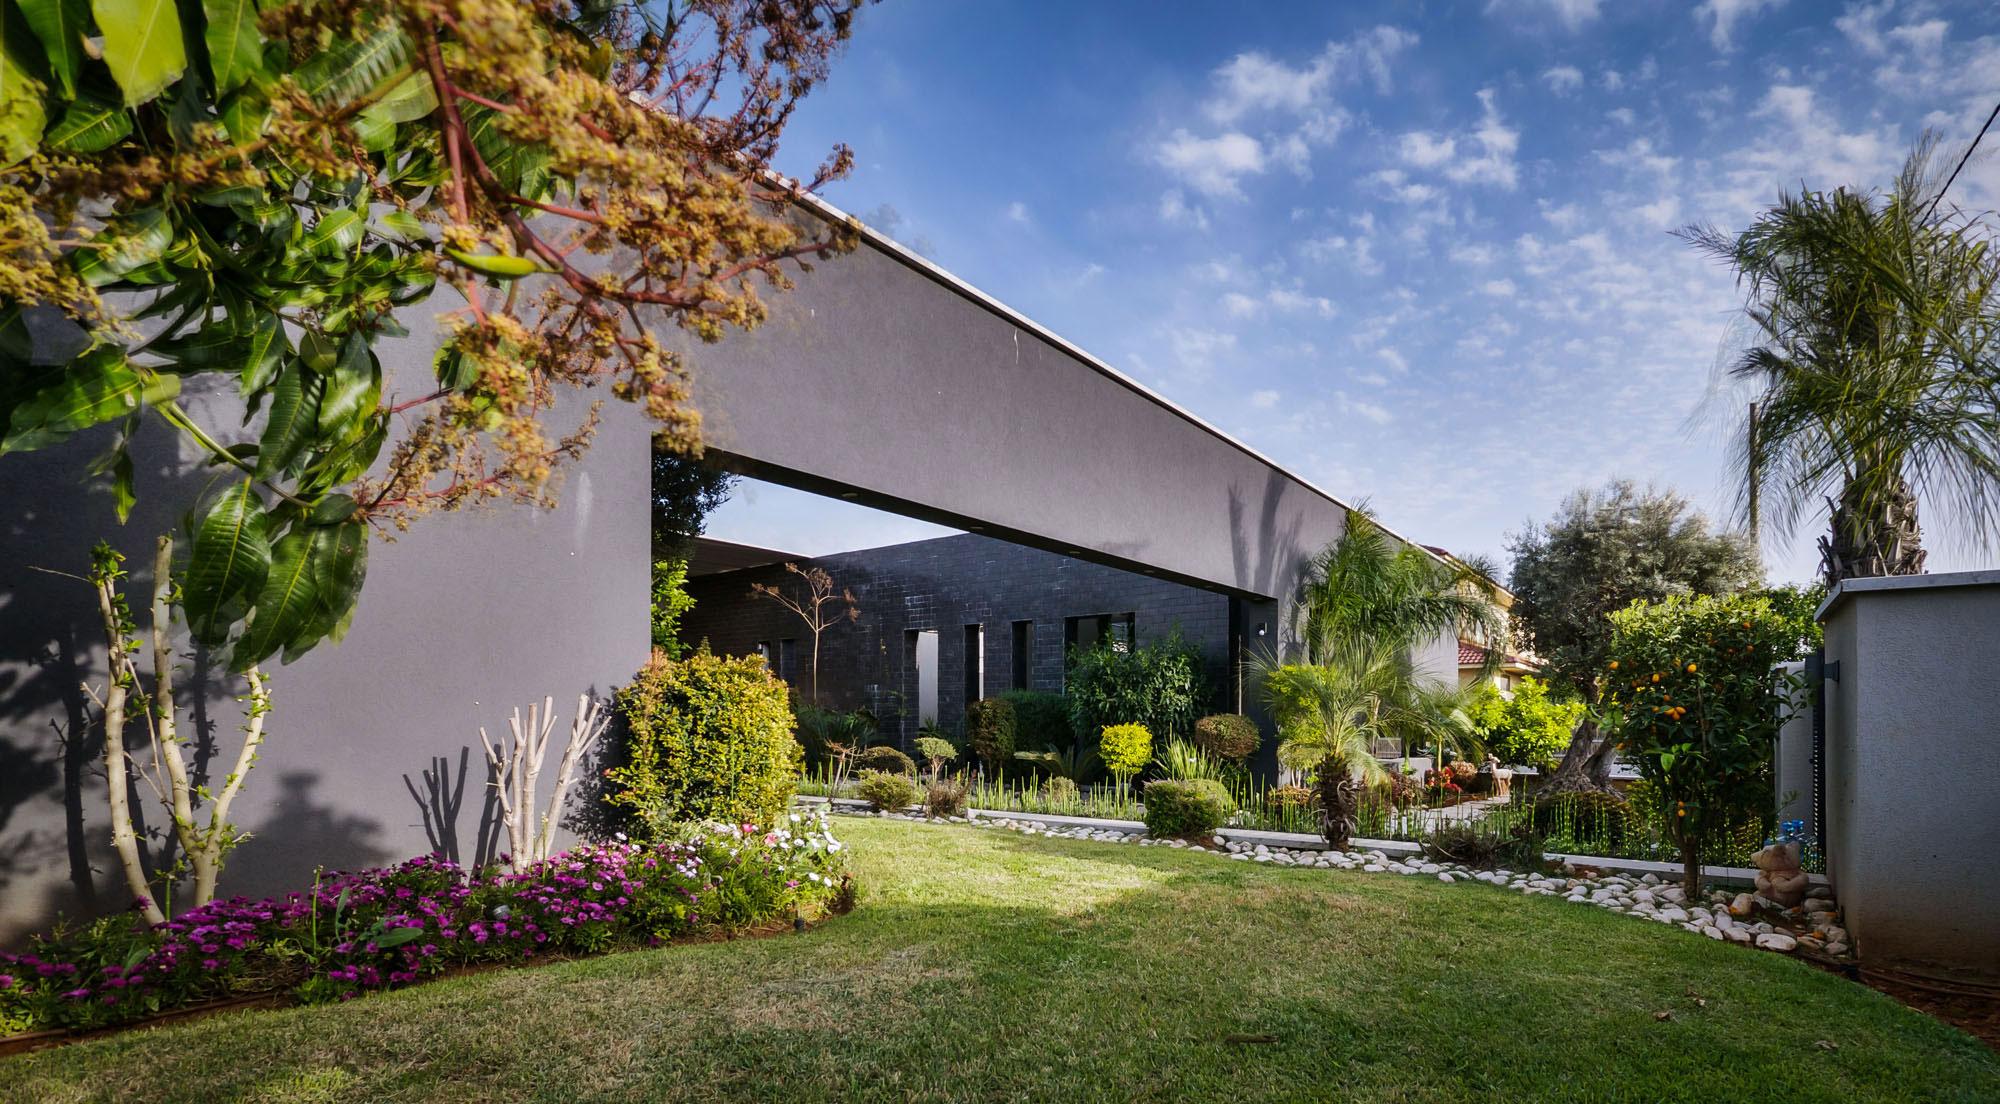 Lyxig-villa-med-en-samtida-design-från-Israel-1 Lyxig villa med modern design från Israel